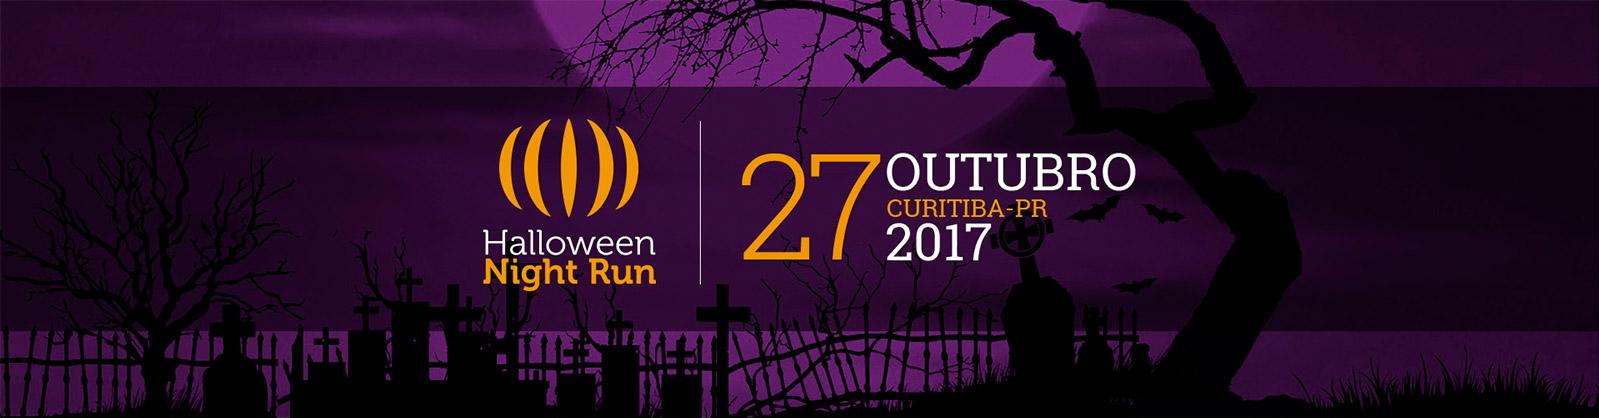 CORRIDA I-RUN - HALLOWEEN NIGHT RUN - 2017 - Imagem de topo